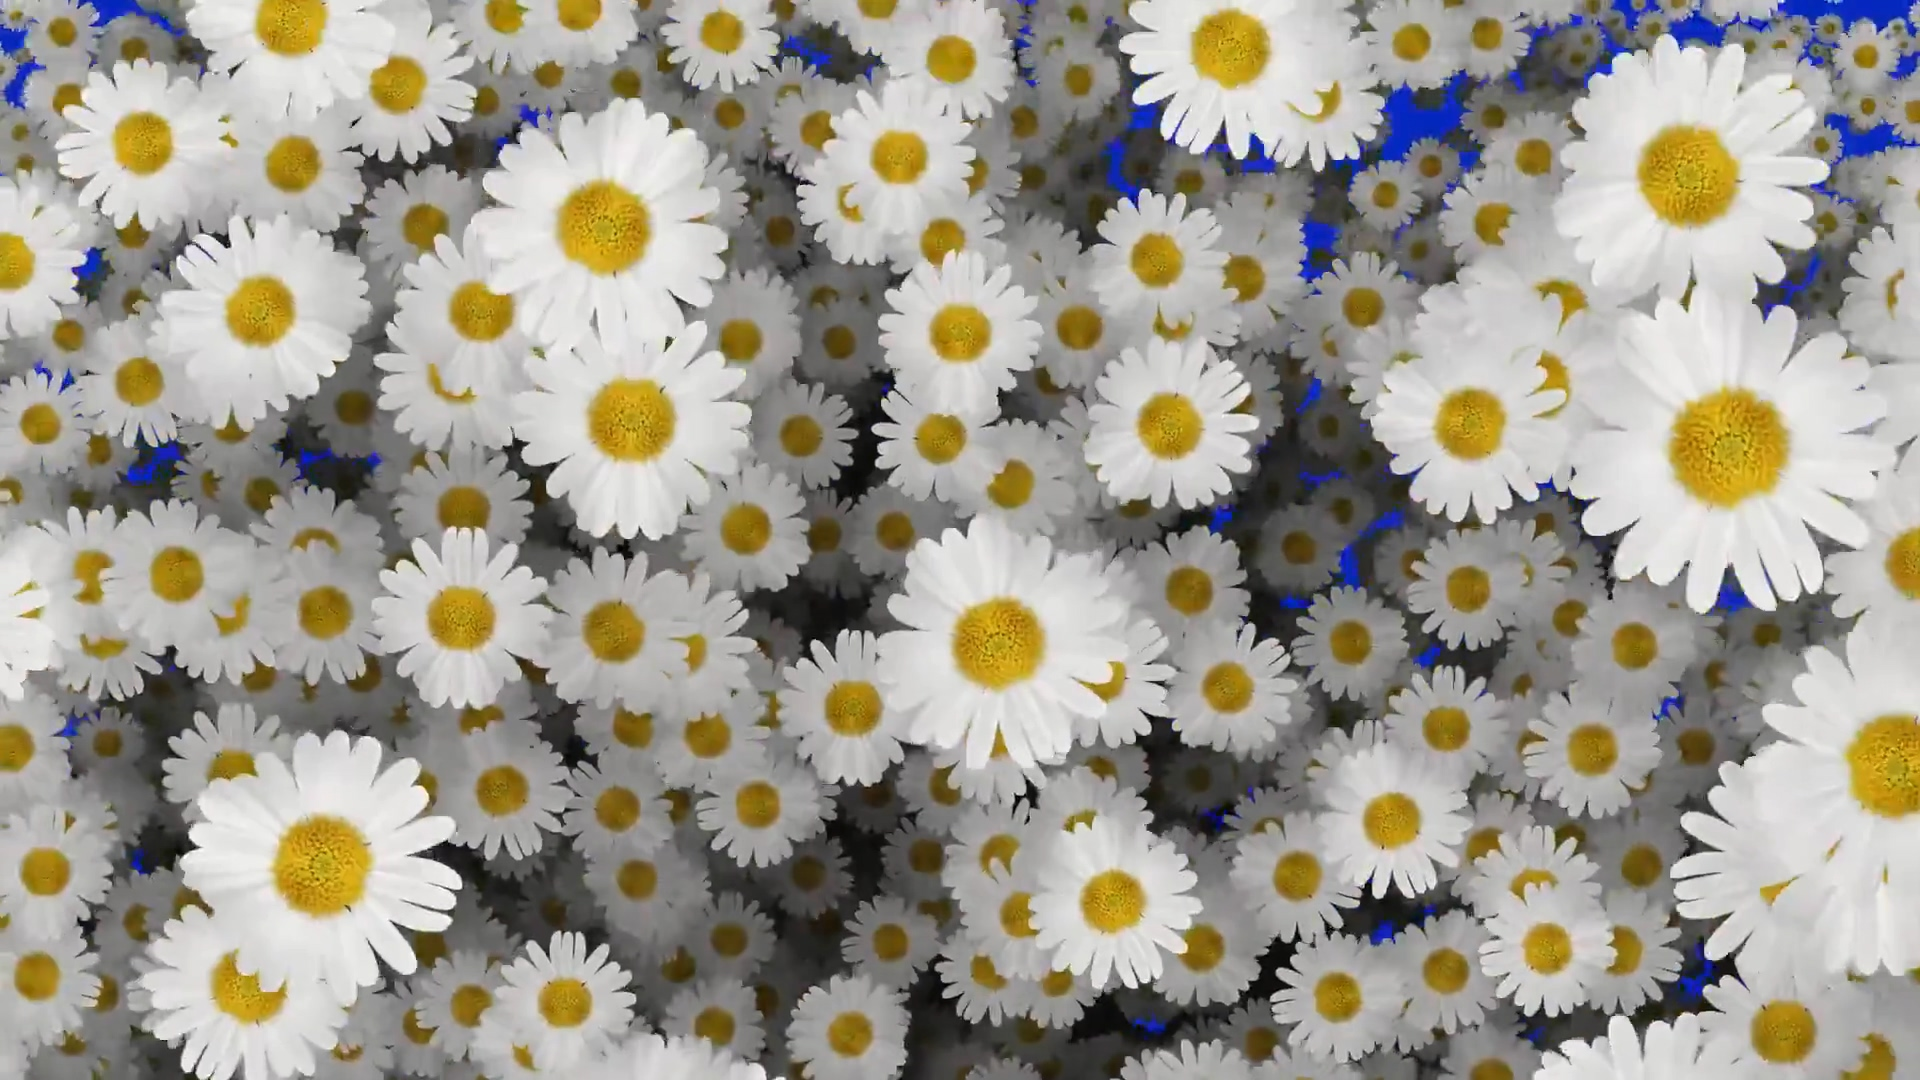 蓝屏抠像下降的白色菊花